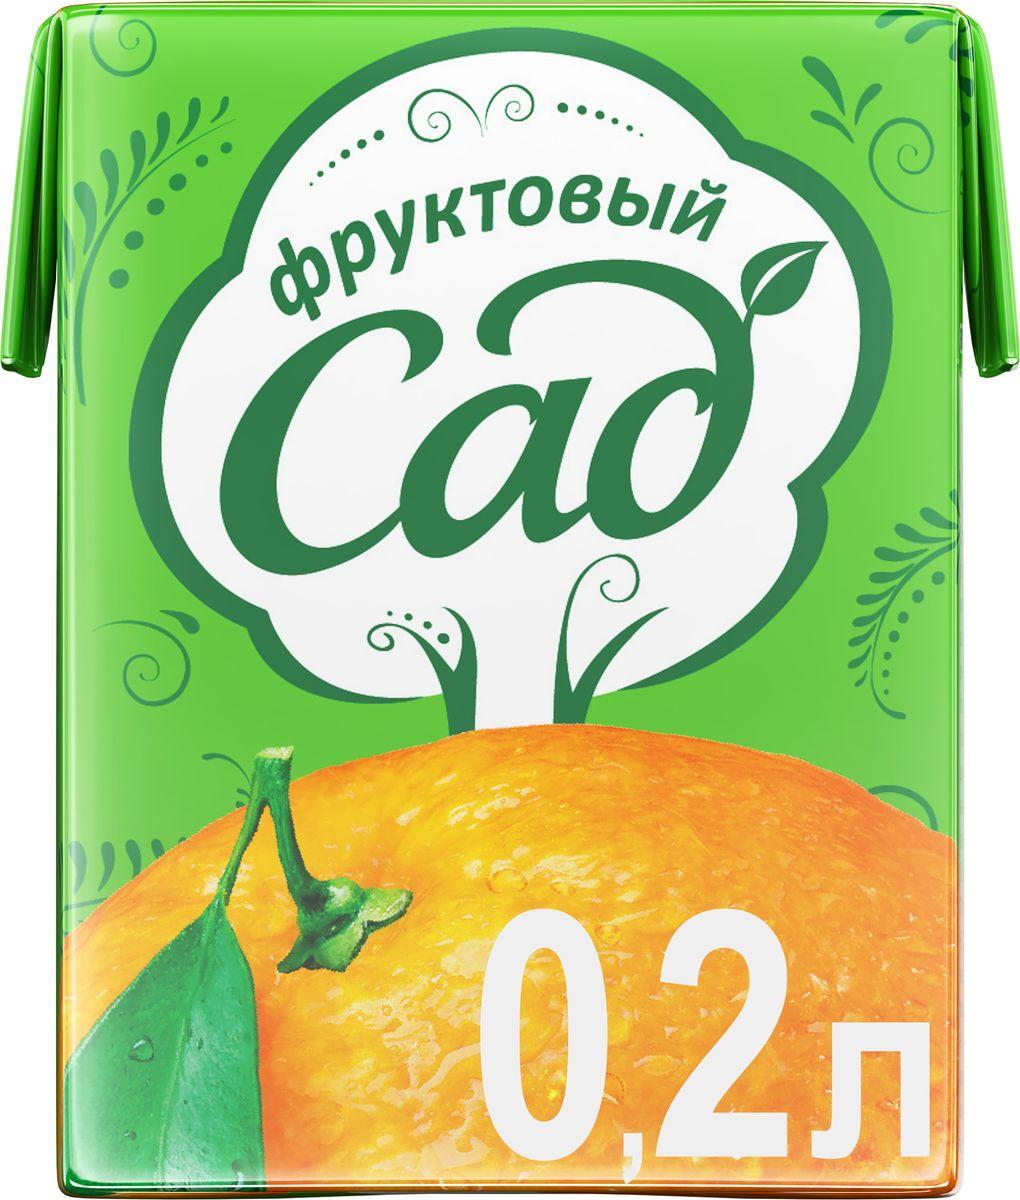 Фруктовый Сад Апельсин нектар с мякотью, 0,2 л340026555Яркий ароматный вкус спелых, сладких и сочных апельсинов! О бренде:Фруктовый сад - один из крупнейших производителей соков и нектаров на российском рынке. Ассортимент бренда представлен большим разнообразием вкусов, которые нравятся взрослым и детям. Выберите свой вкус для всей семьи!